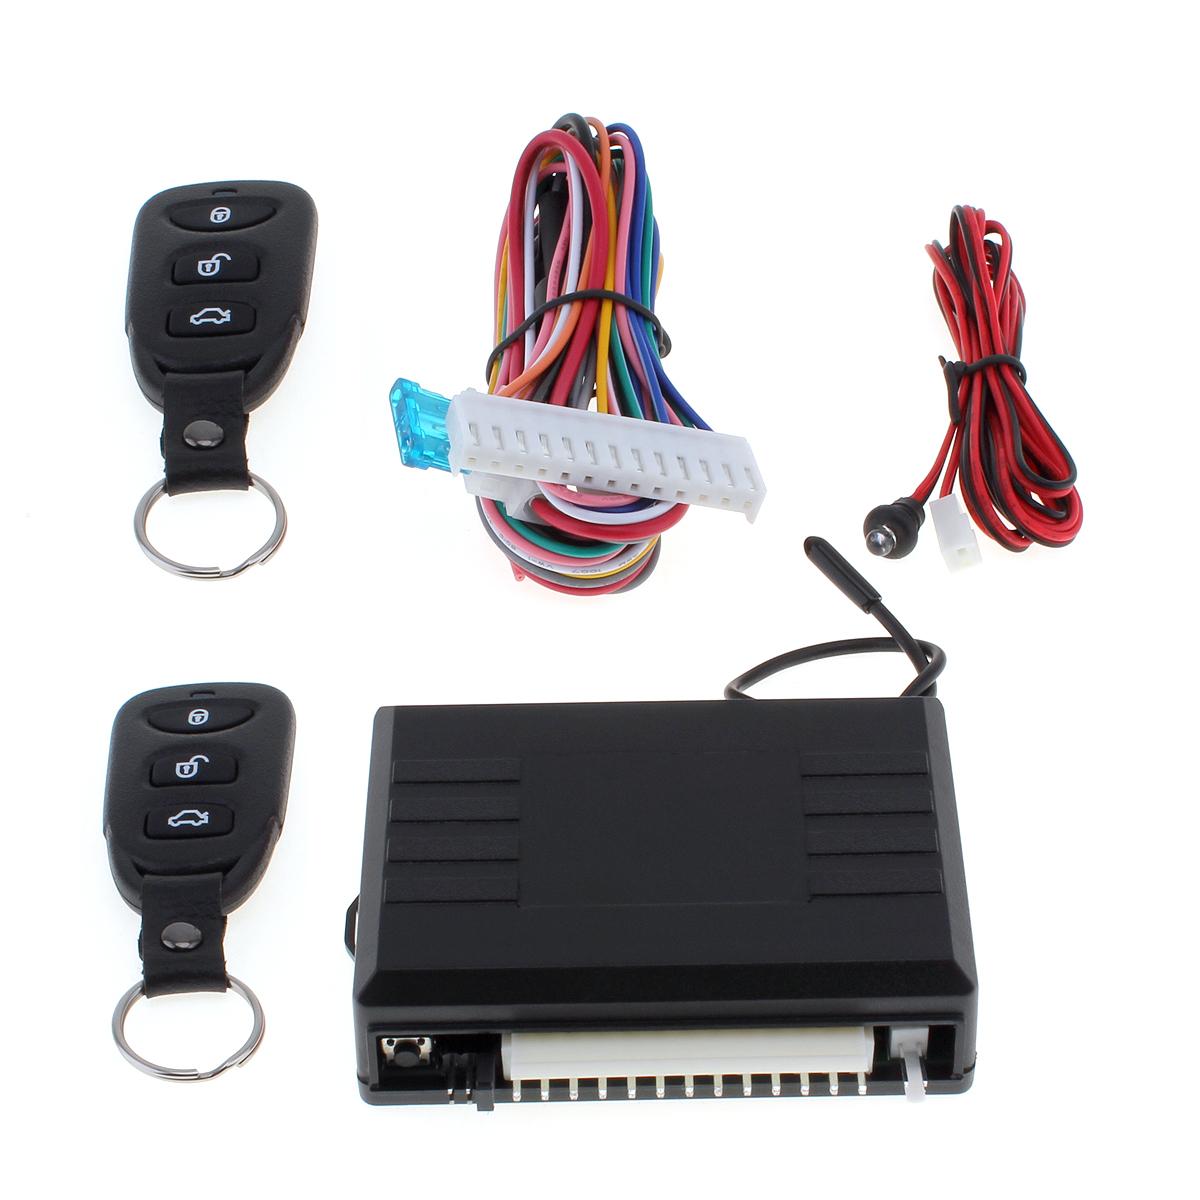 Sistema de Entrada sin Llave Universal Sistema de Alarma para Autos Dispositivo de Control Remoto autom/ático Cerradura de la Puerta Bloqueo y desbloqueo Central del veh/ículo